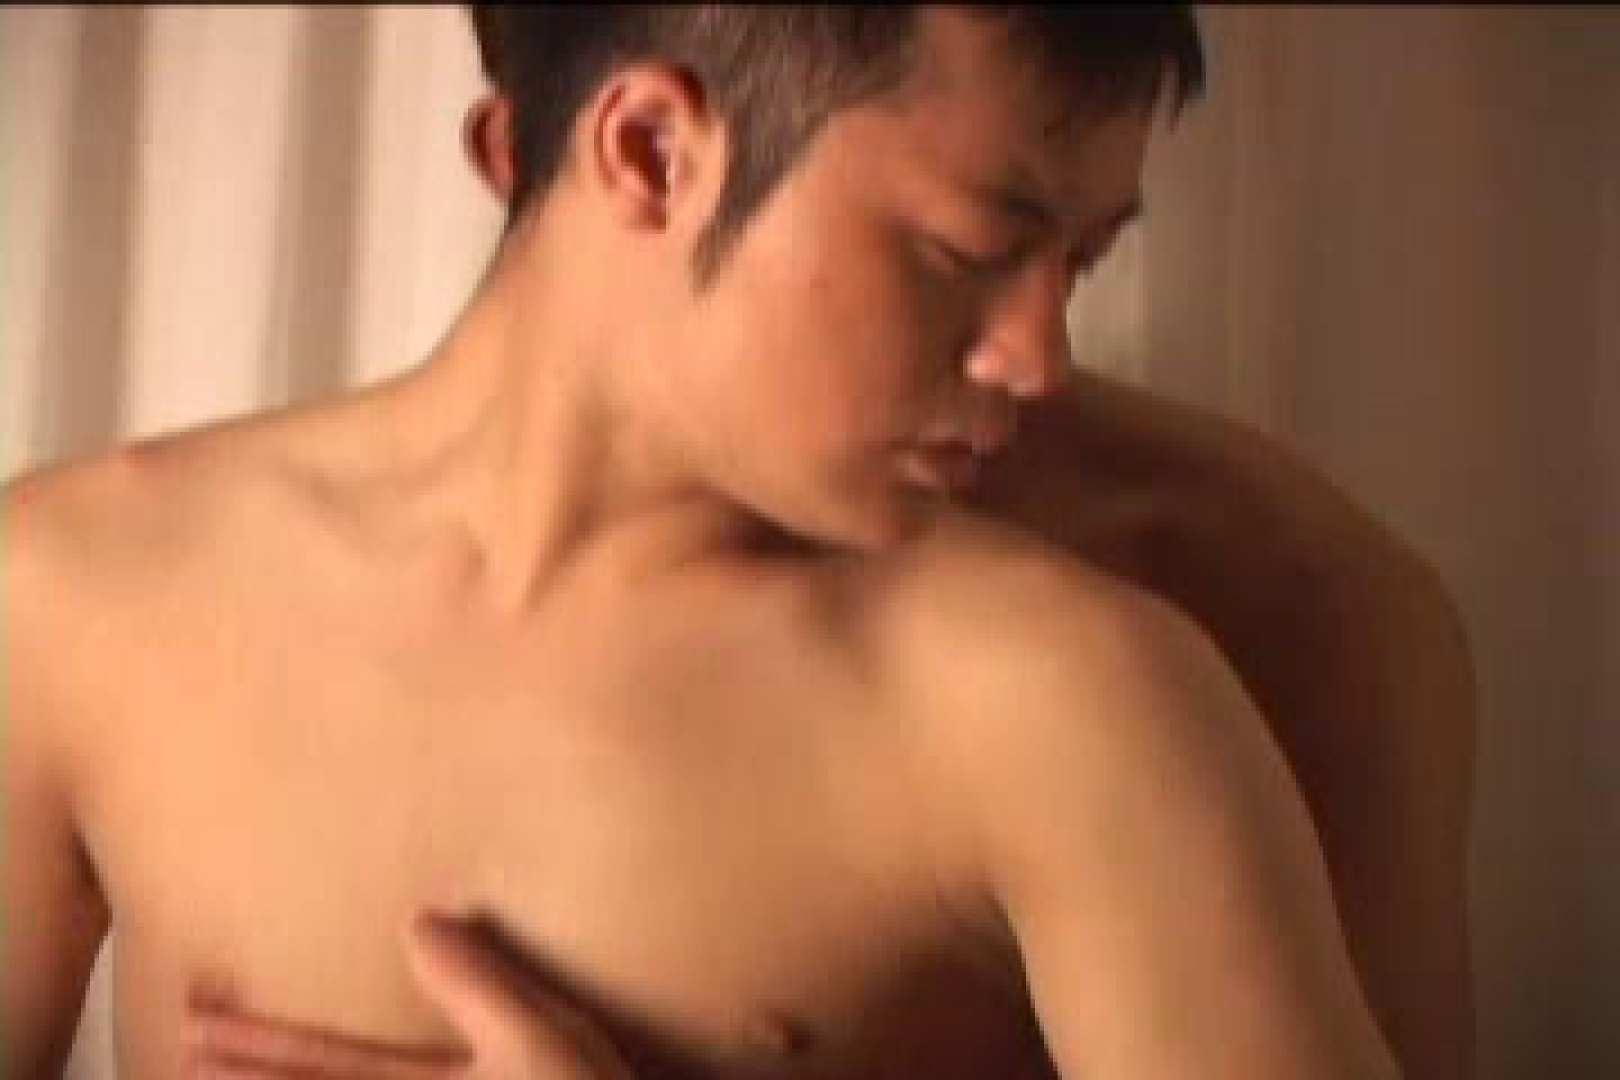 光り輝く男たちのロマンシングメモリー!!vol.05 お風呂 ゲイ無修正ビデオ画像 111pic 81